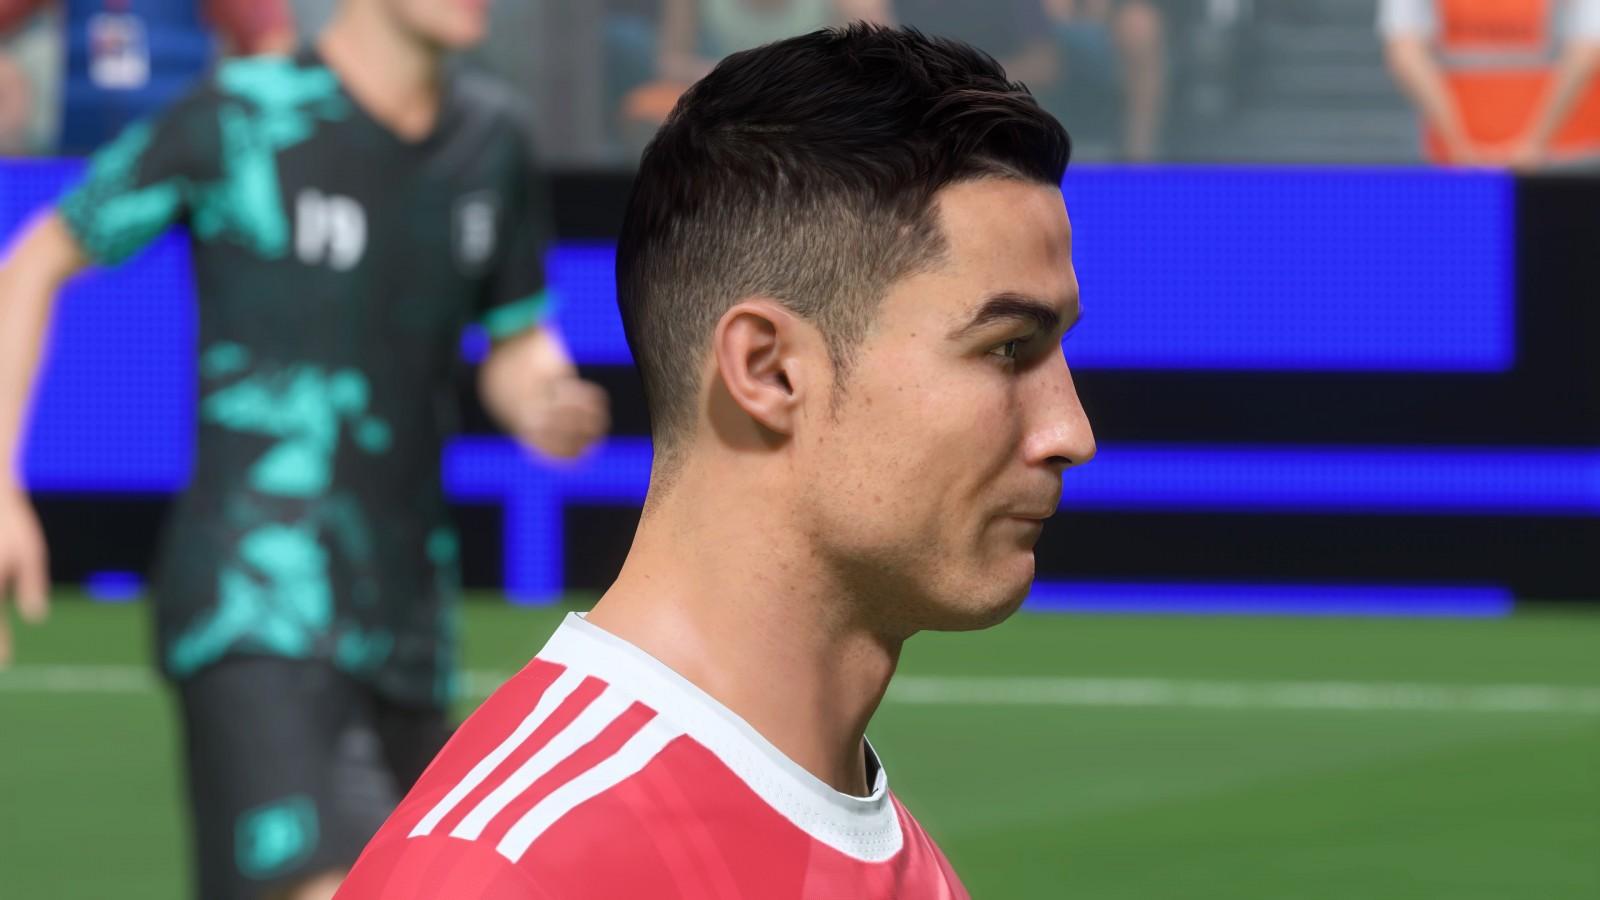 Reseña: ¿Será FIFA 22 un golazo o no? 3